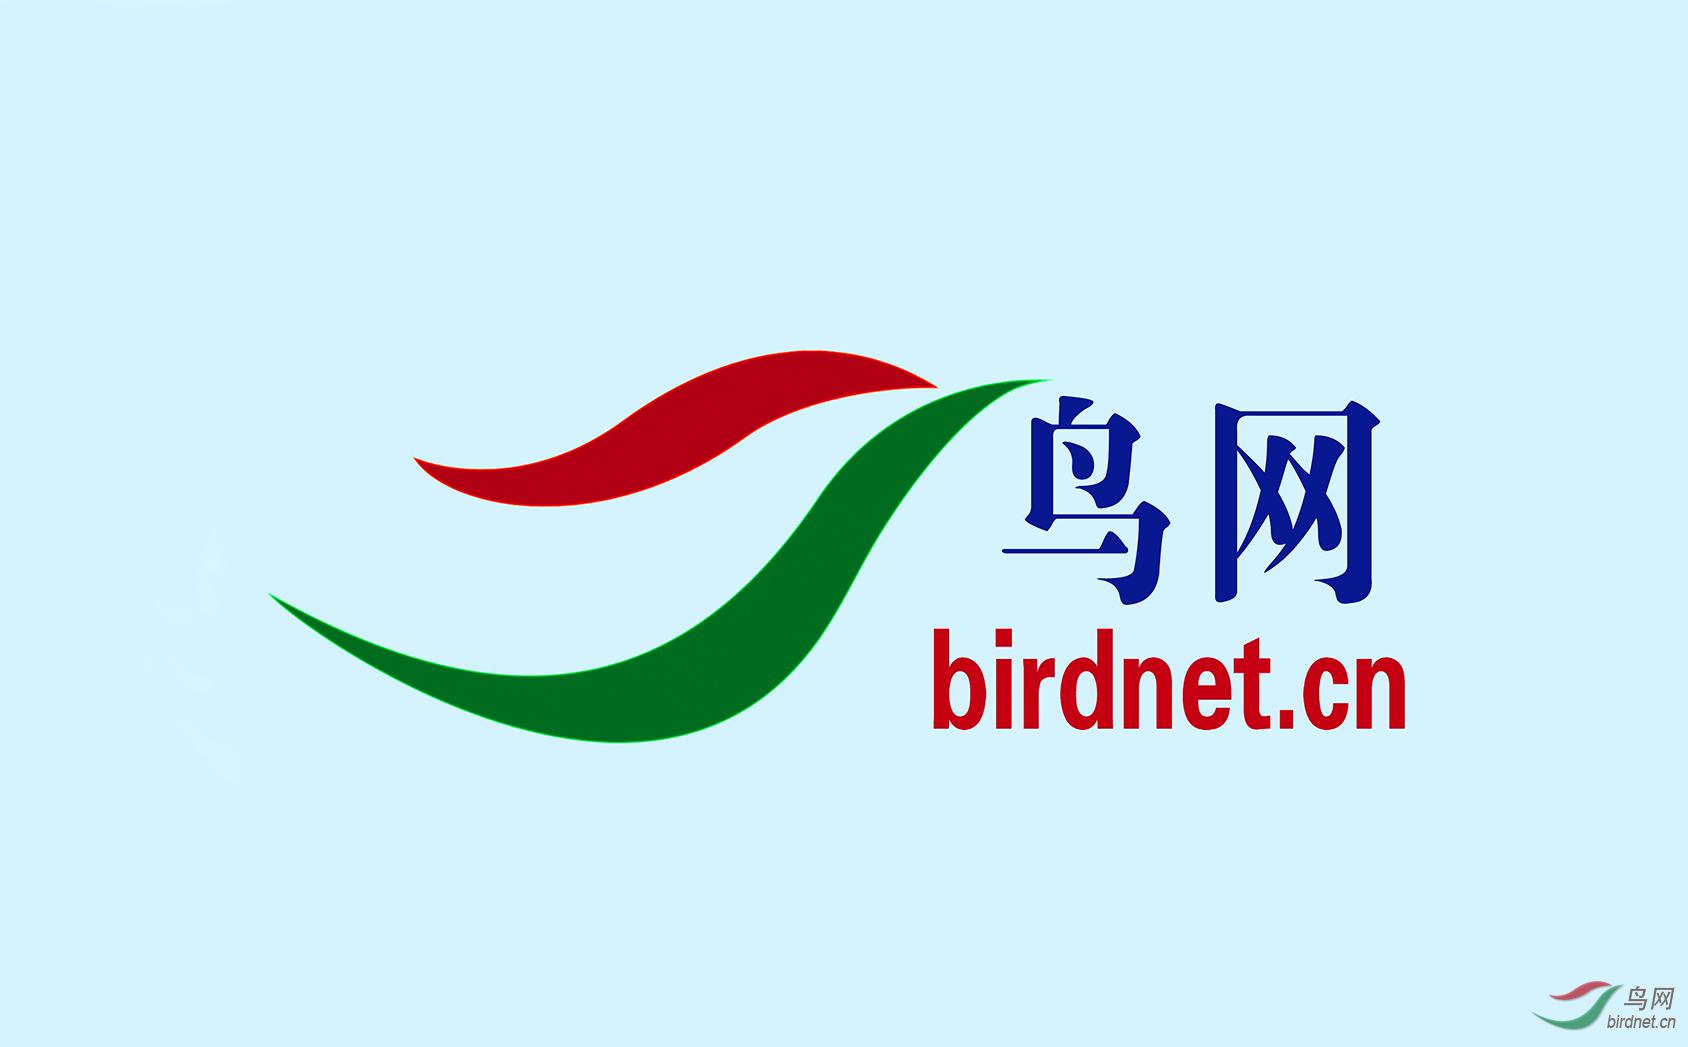 鸟网logo.png